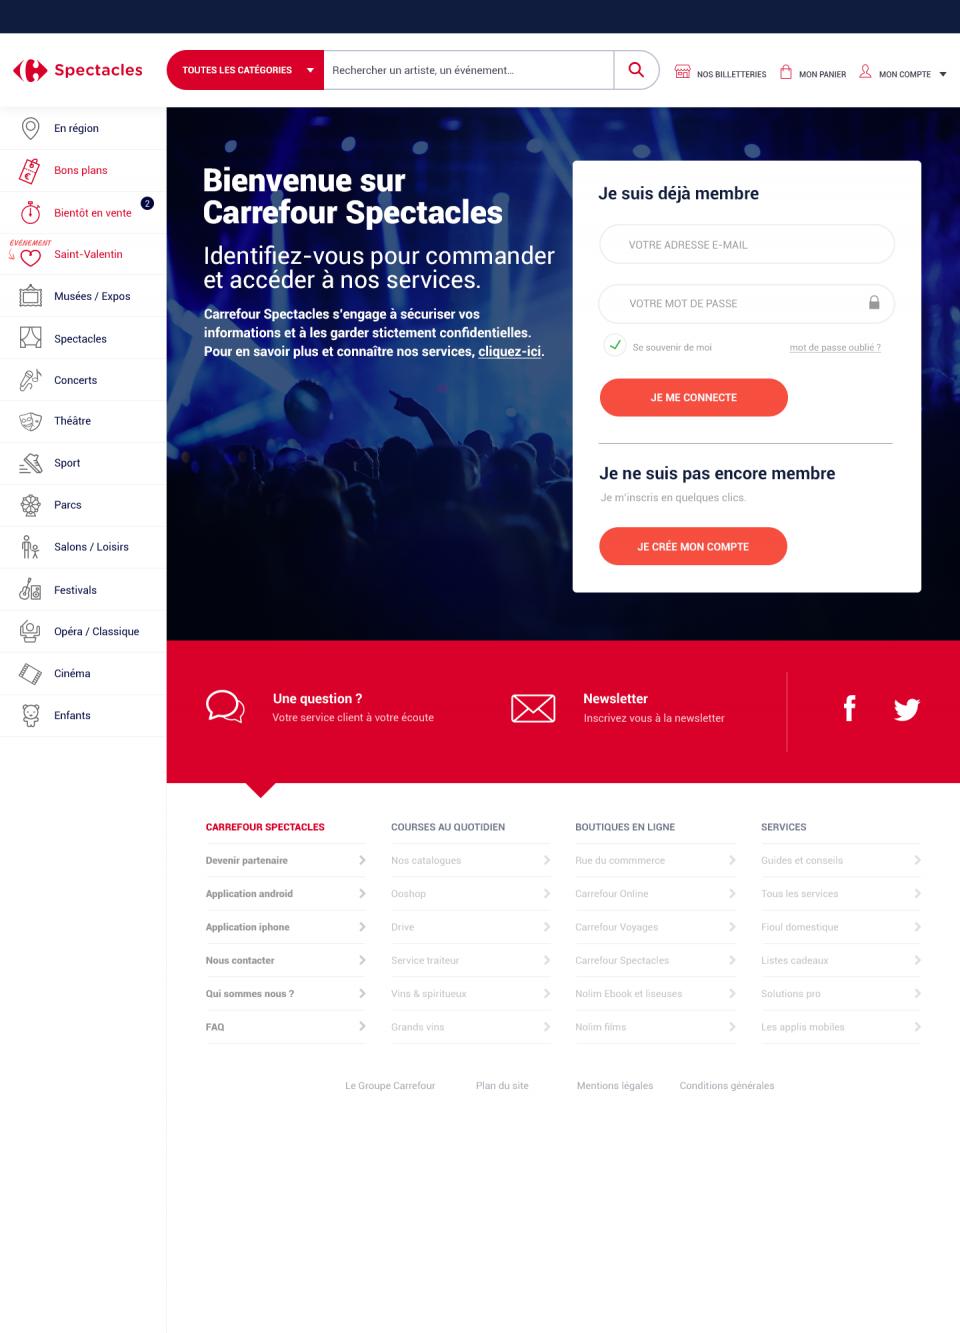 PAGE DE CONNEXION CARREFOUR SPECTACLES